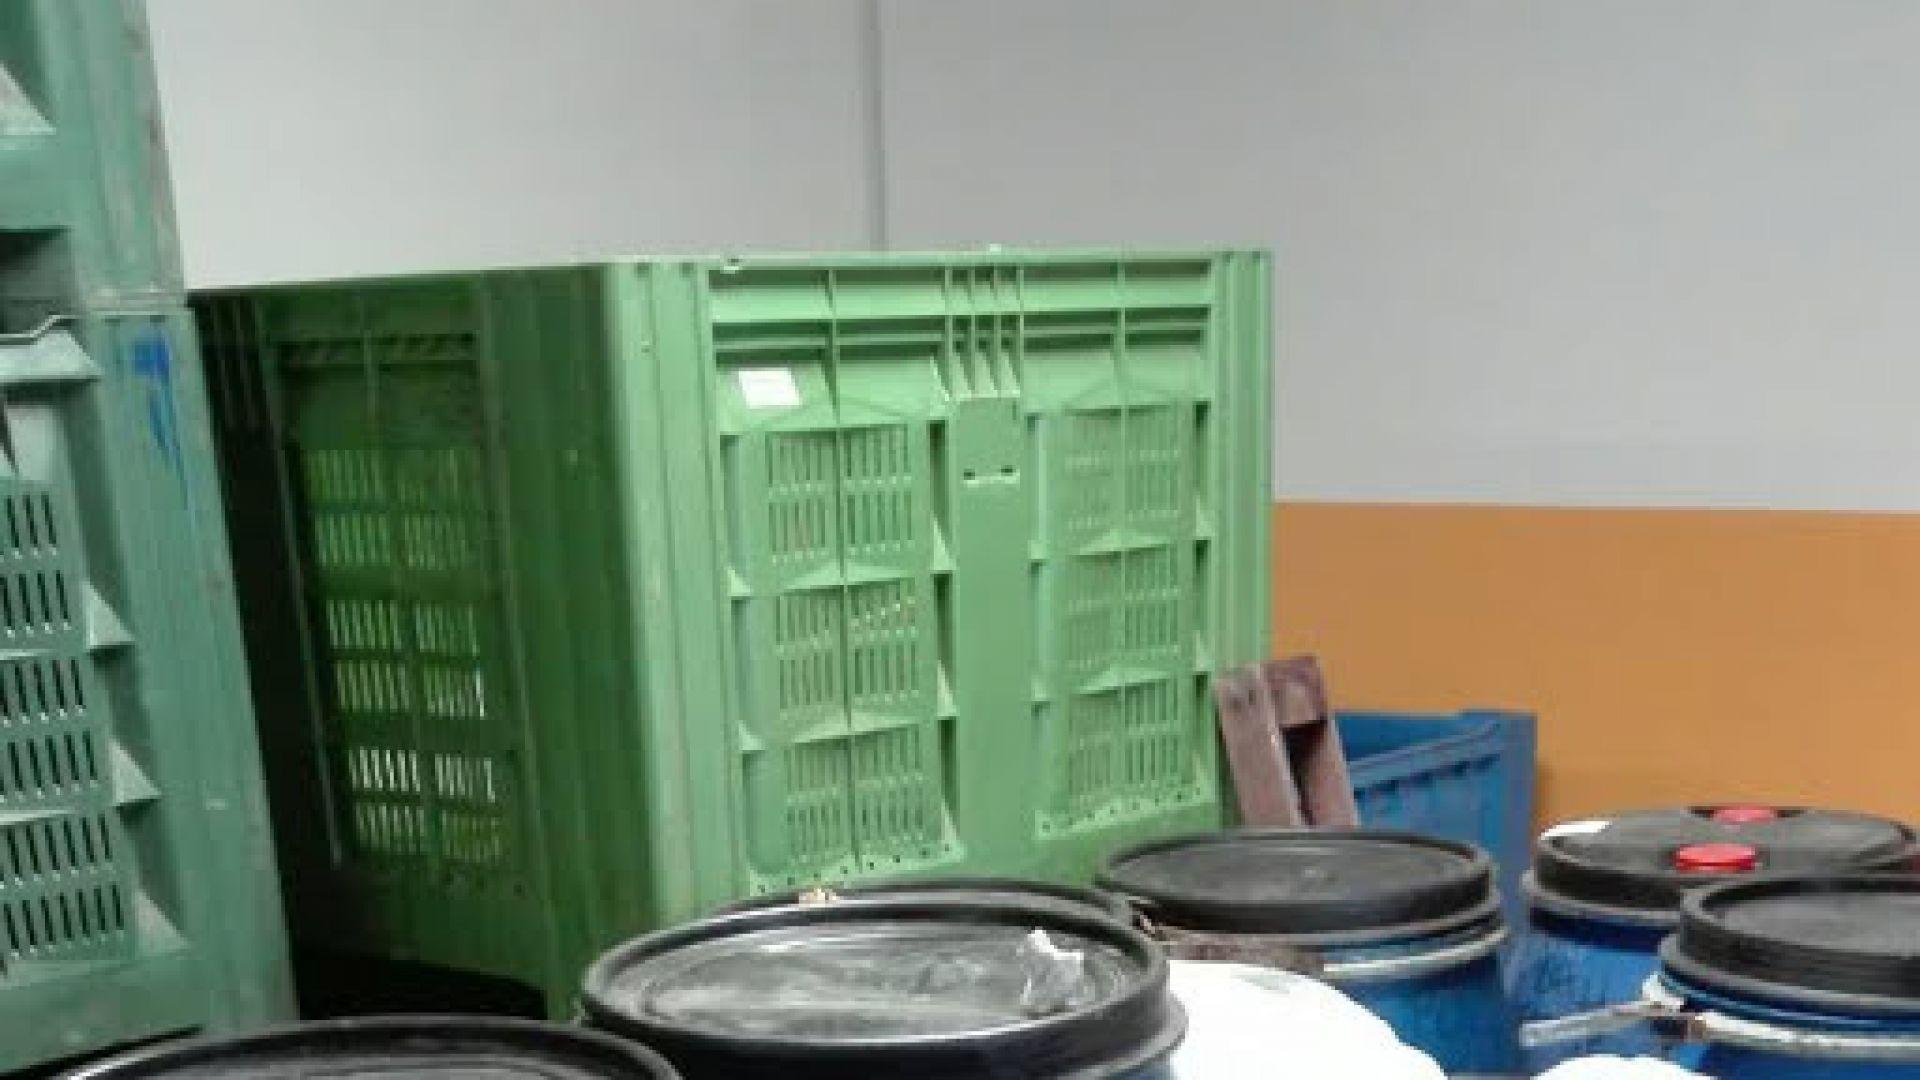 Откриха над тон безакцизна ракия в склад за плодове